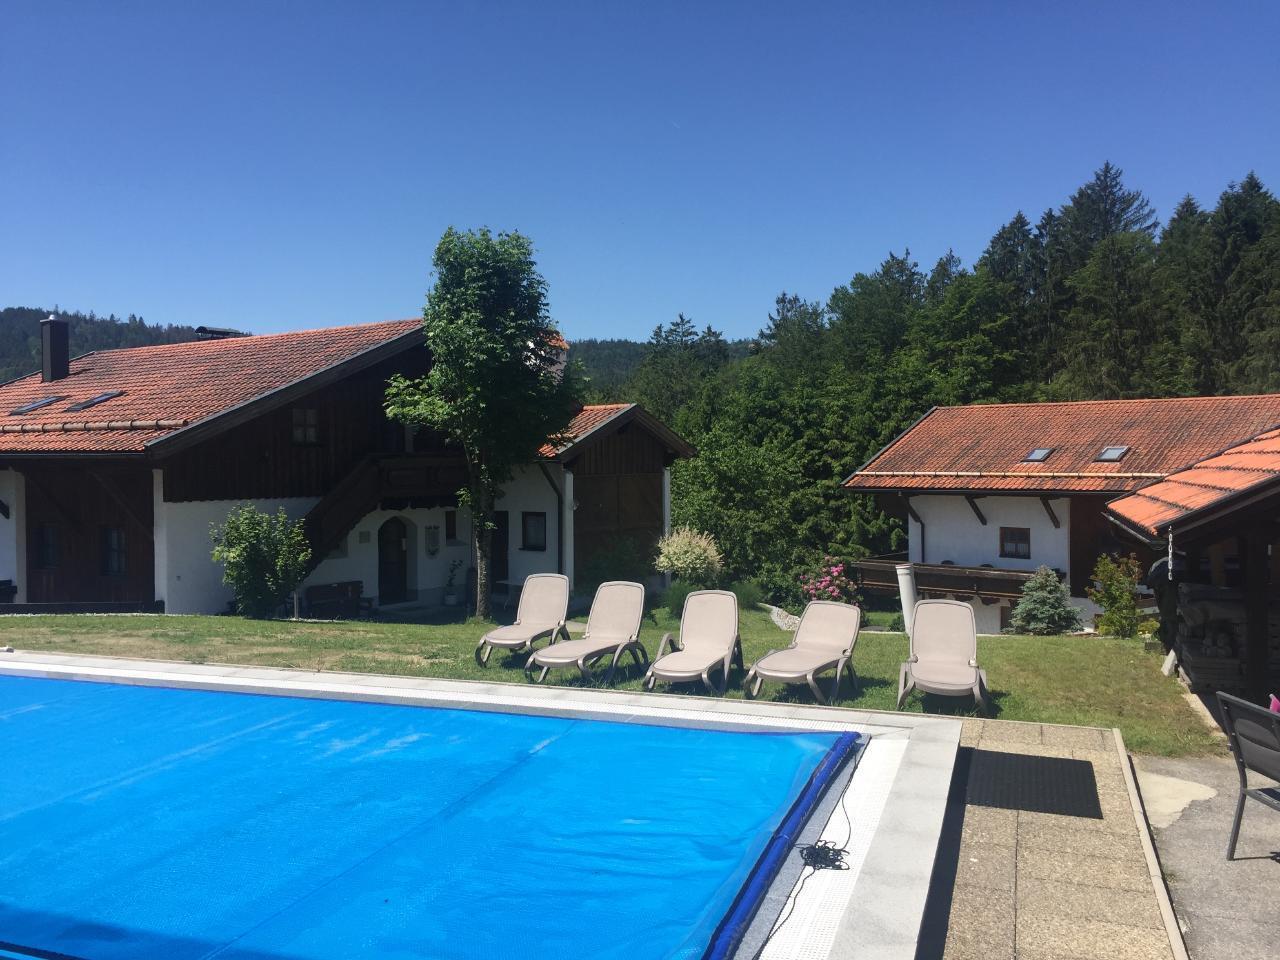 Ferienwohnung Große Ferienwohnung mit Pool, Schwimmbad und Sauna (1150916), Hauzenberg, Bayerischer Wald, Bayern, Deutschland, Bild 25